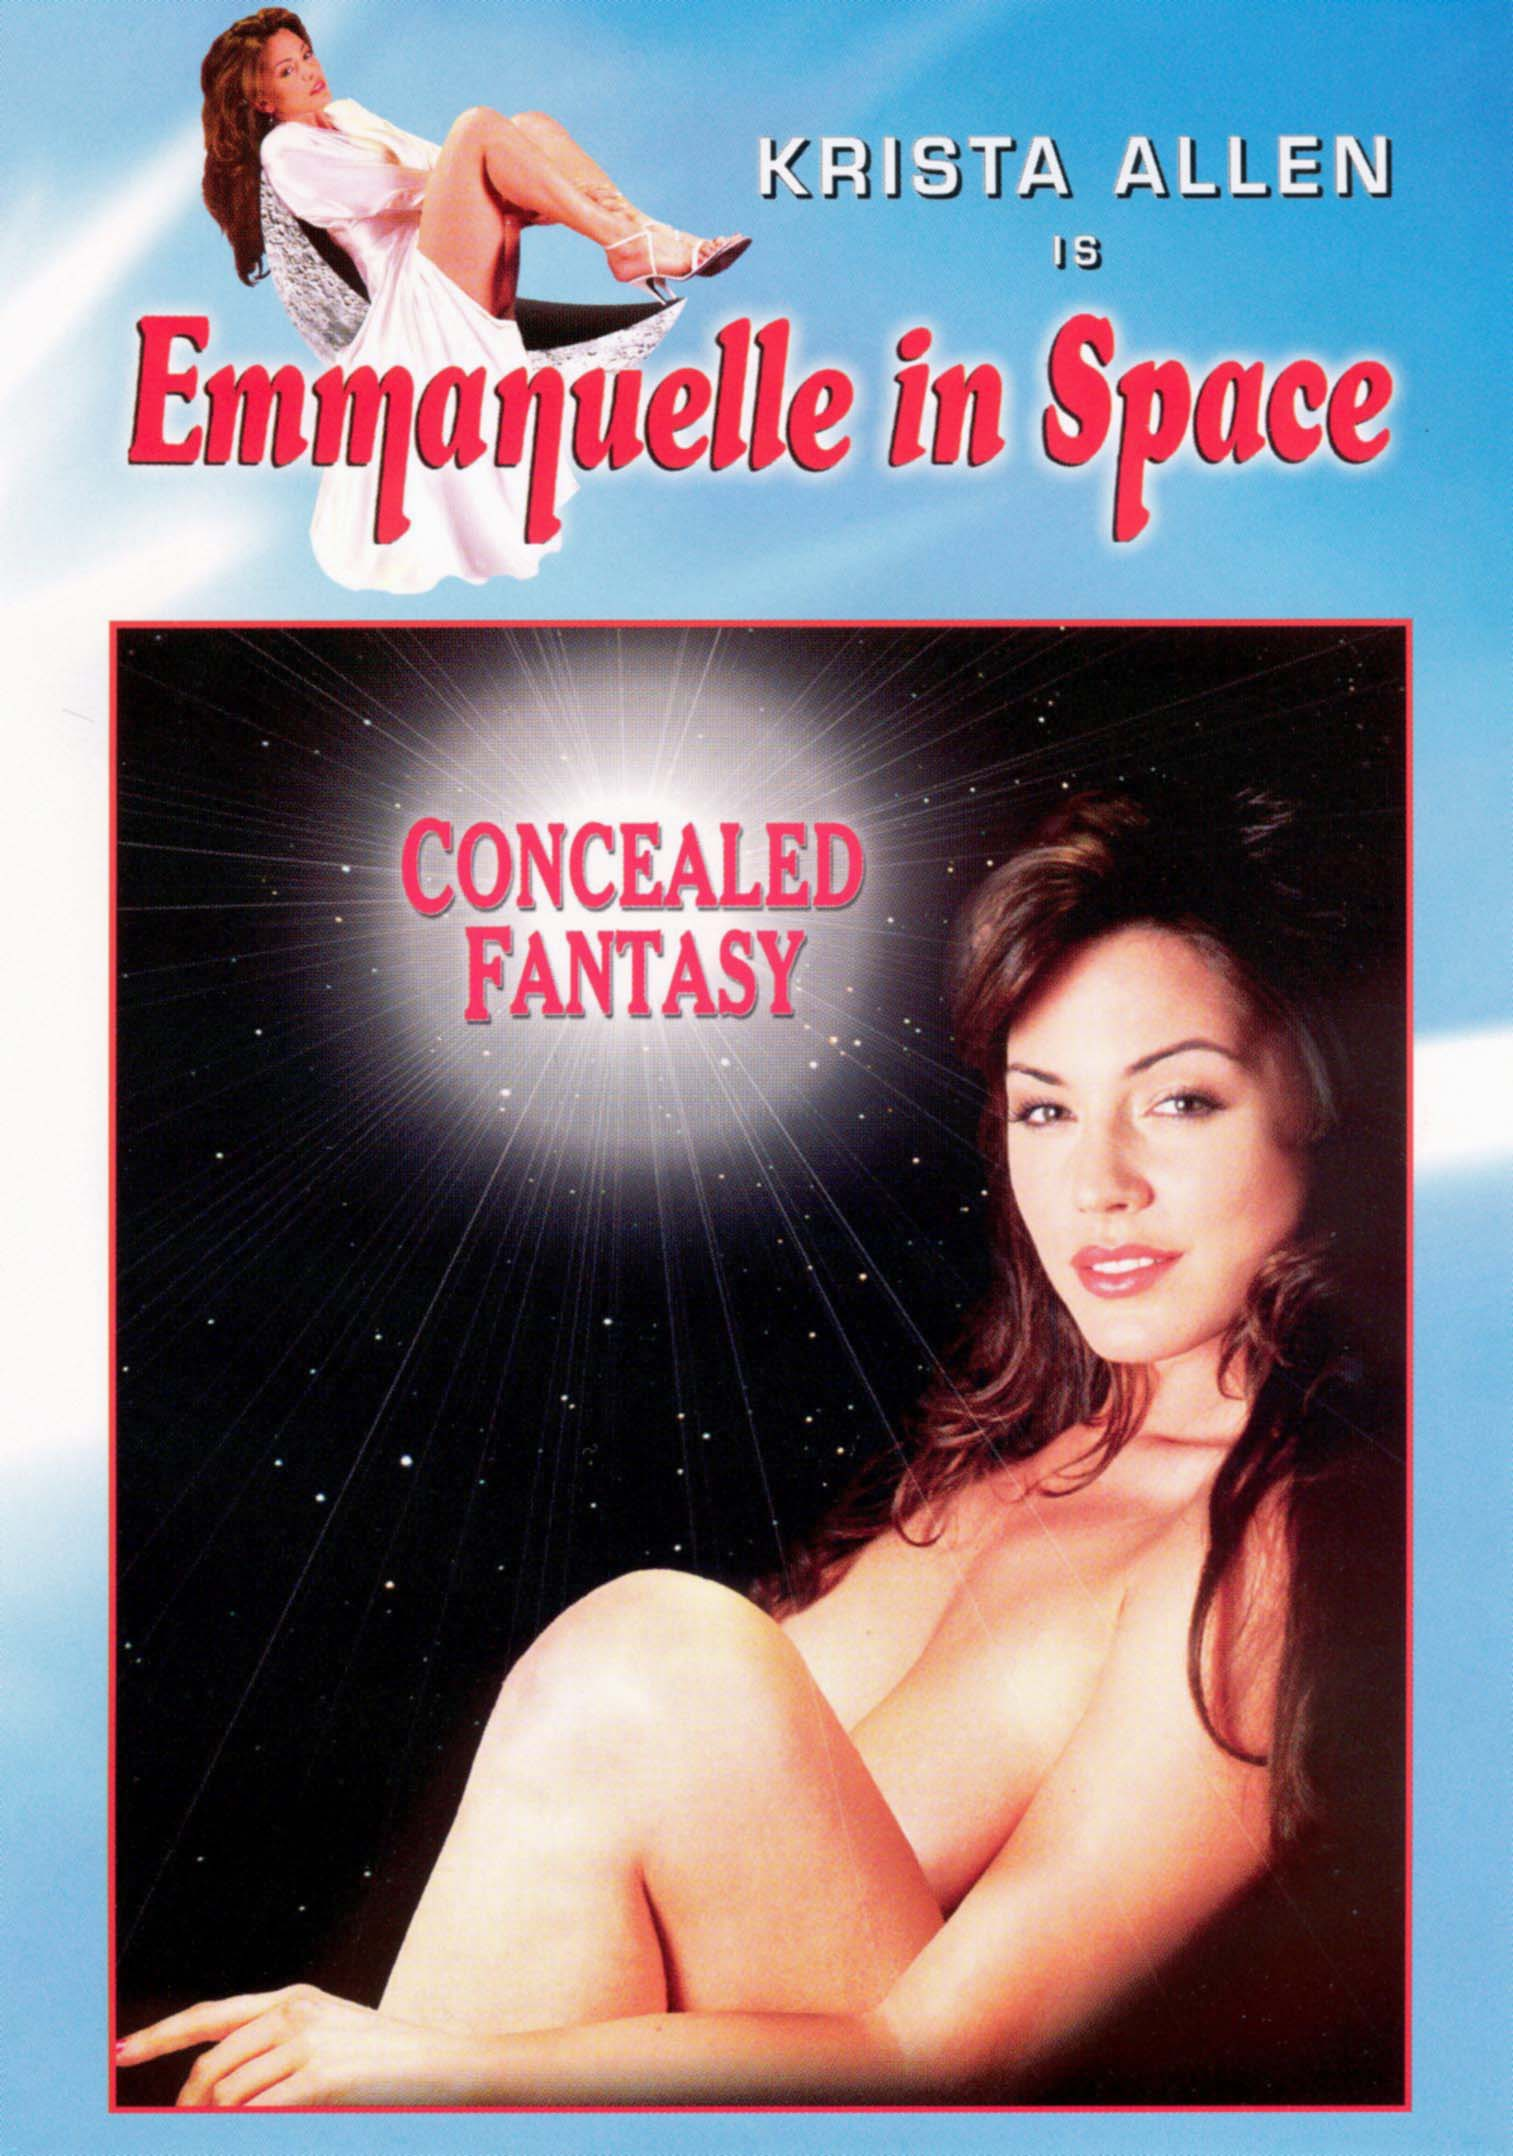 Эротика эммануэль в космосе 1 фотография